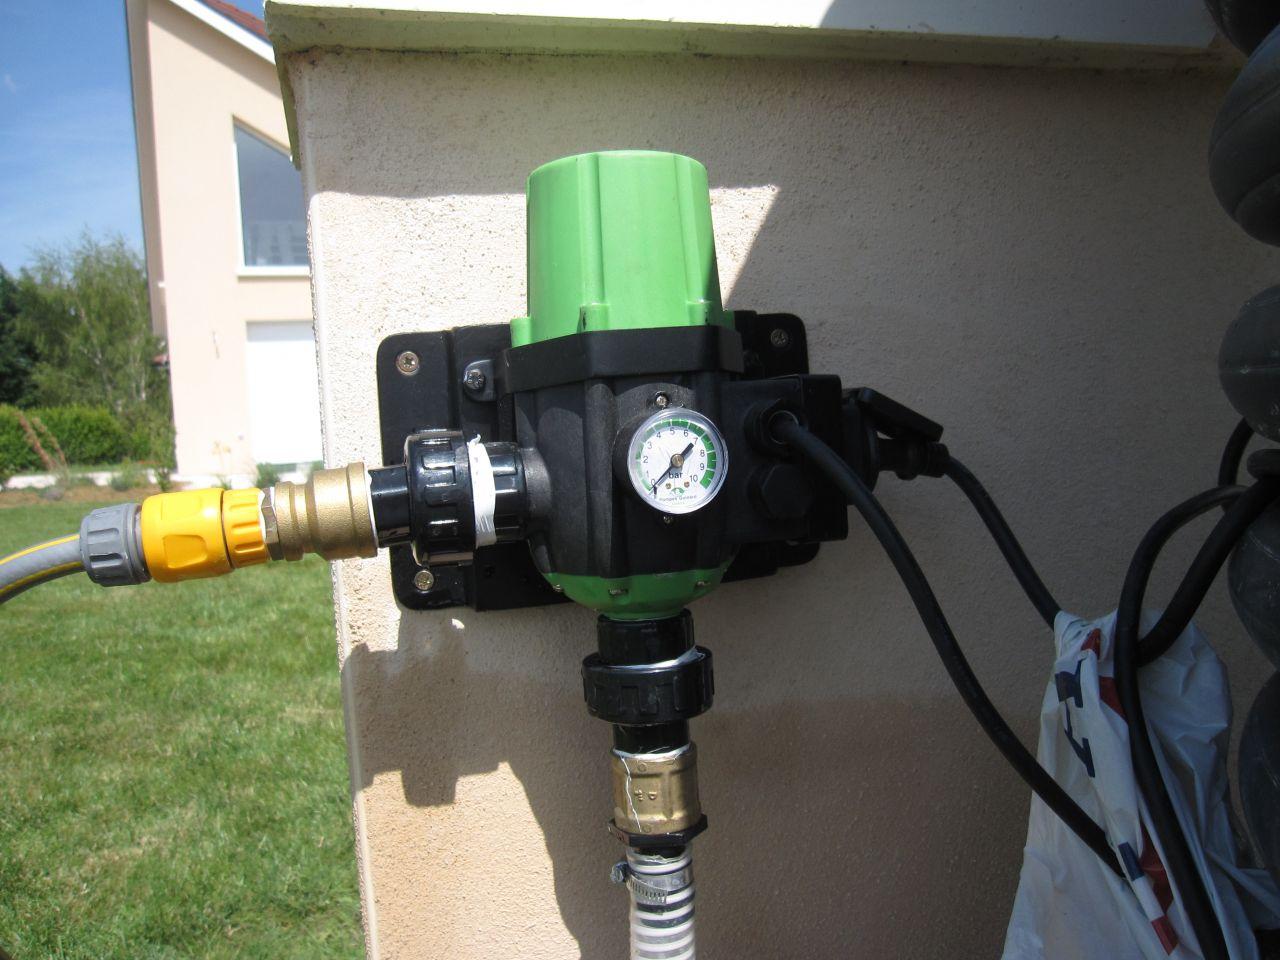 Automatisme Xenacontrol - Il s?agit d?un automate de commande et de protection contre le manque d?eau qui arrête automatiquement le moteur de la pompe ...